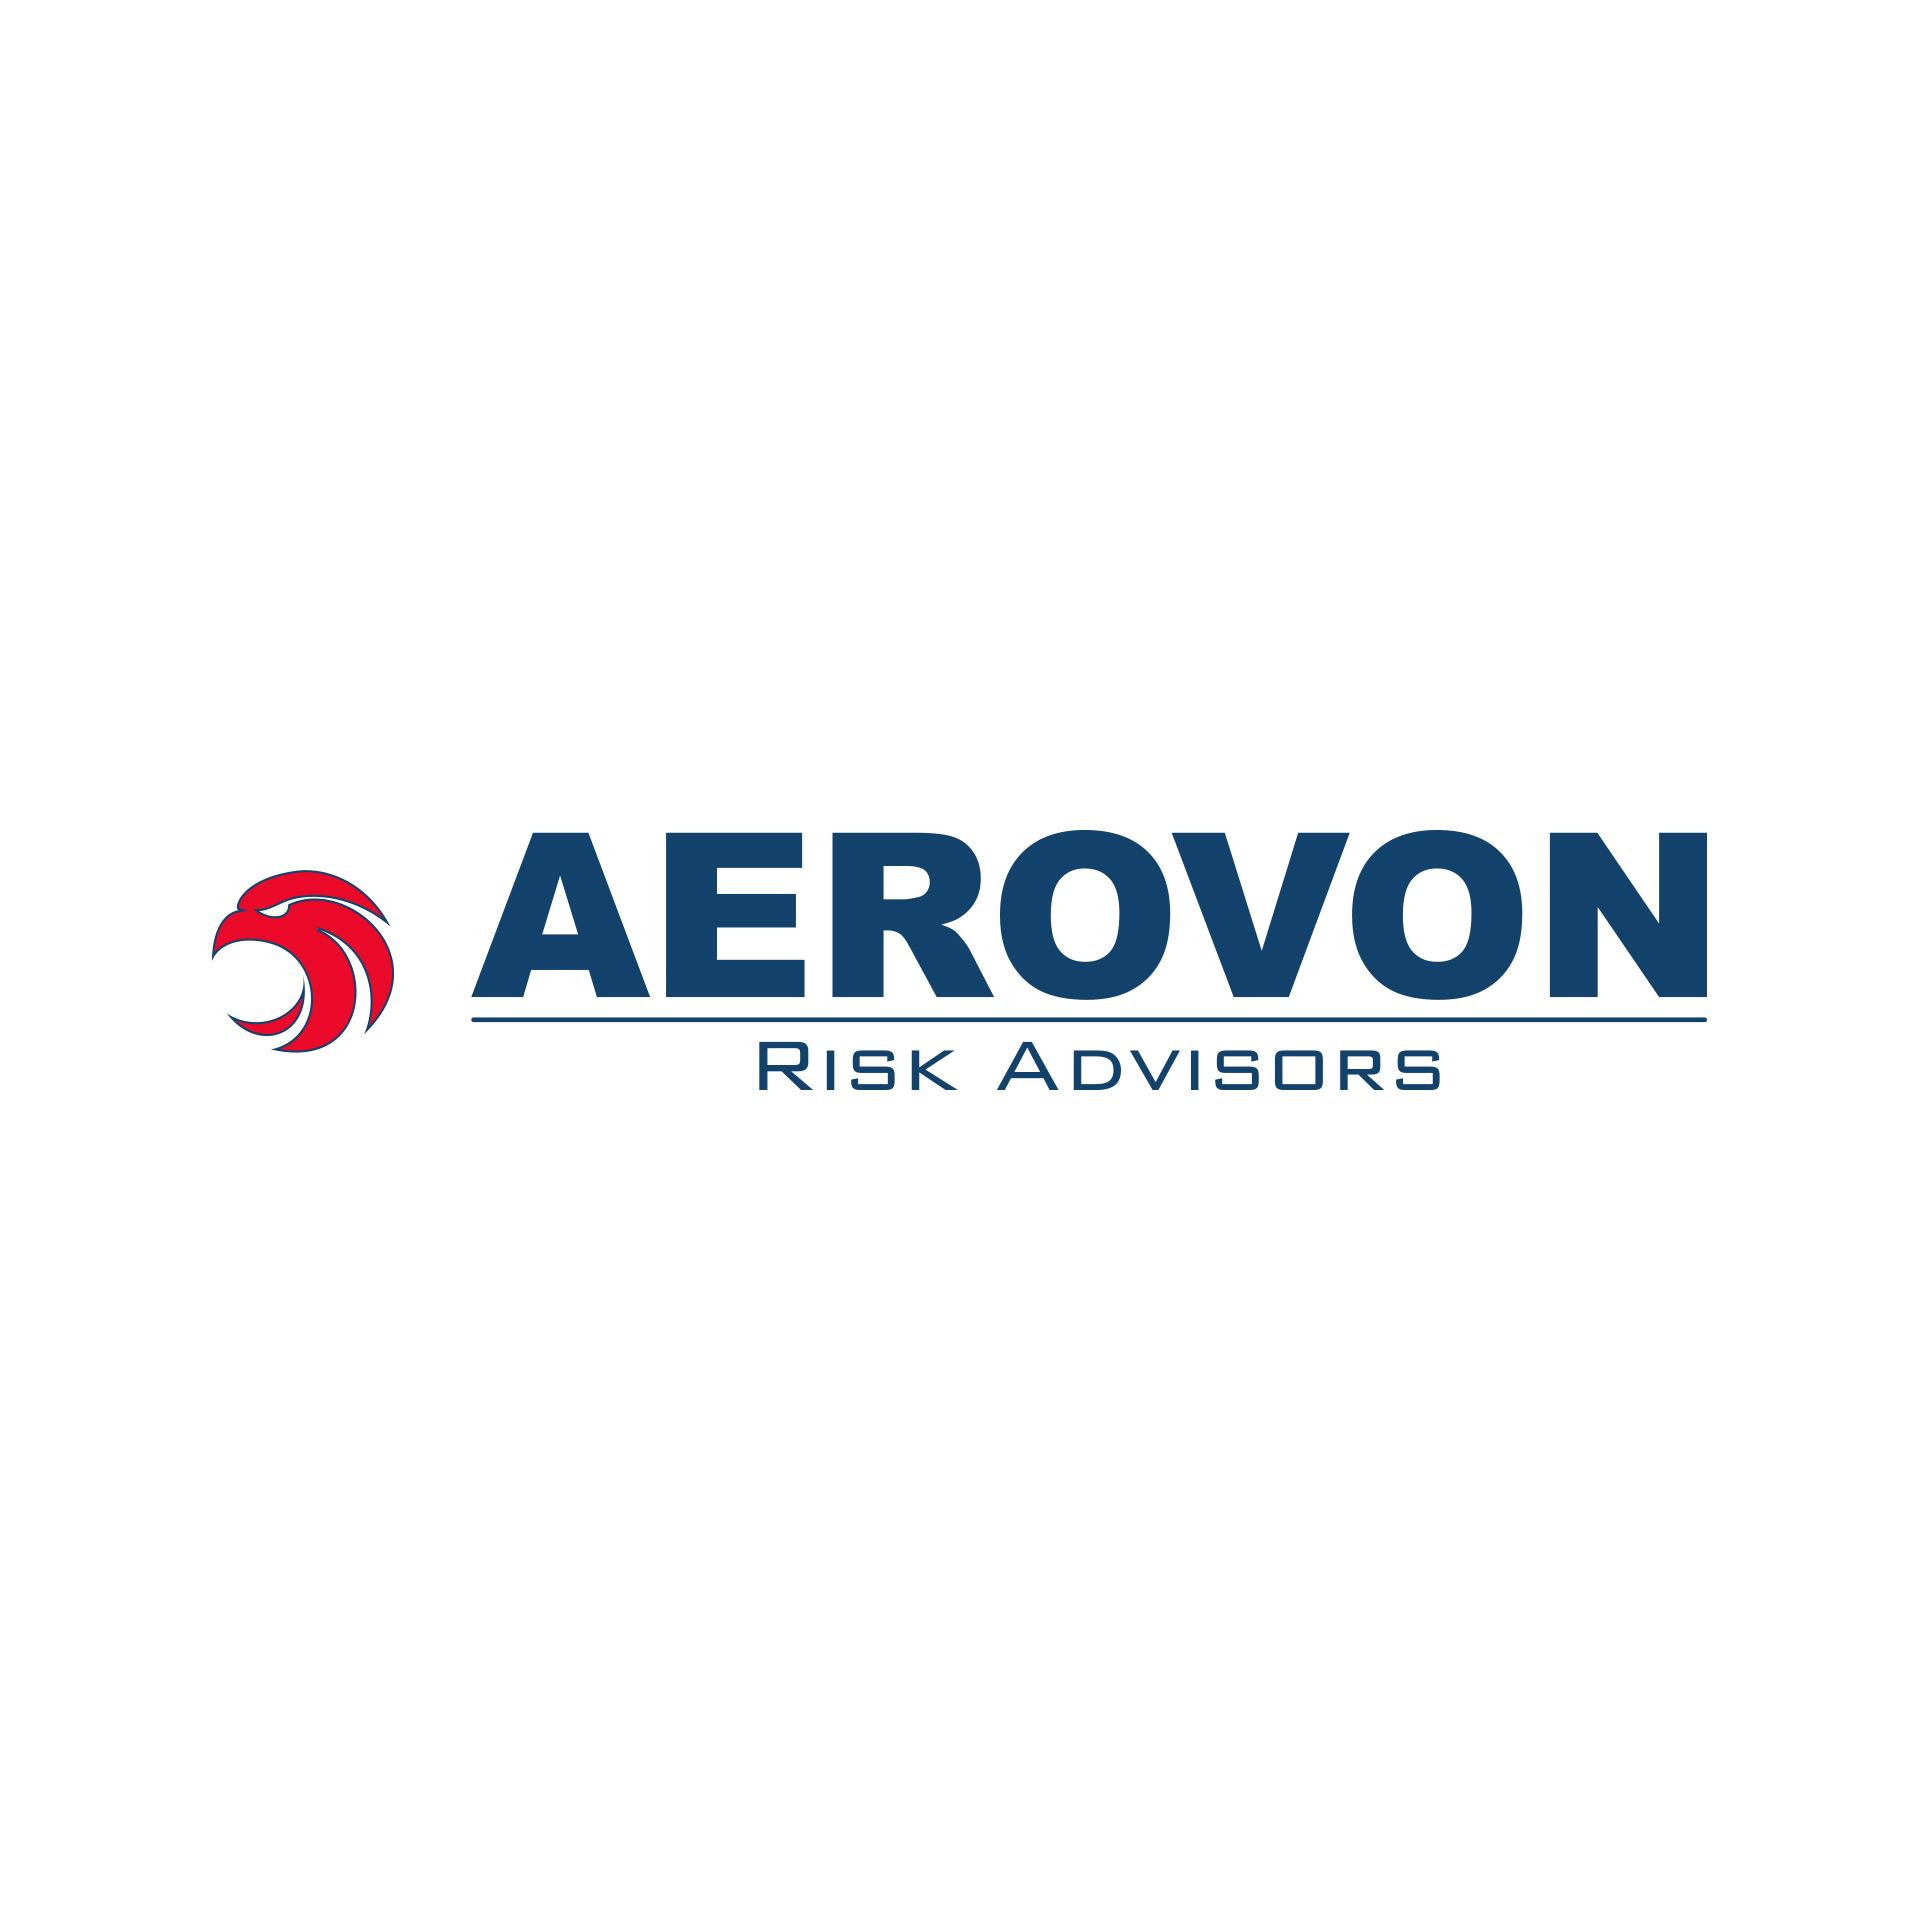 Aerovon Risk Advisors